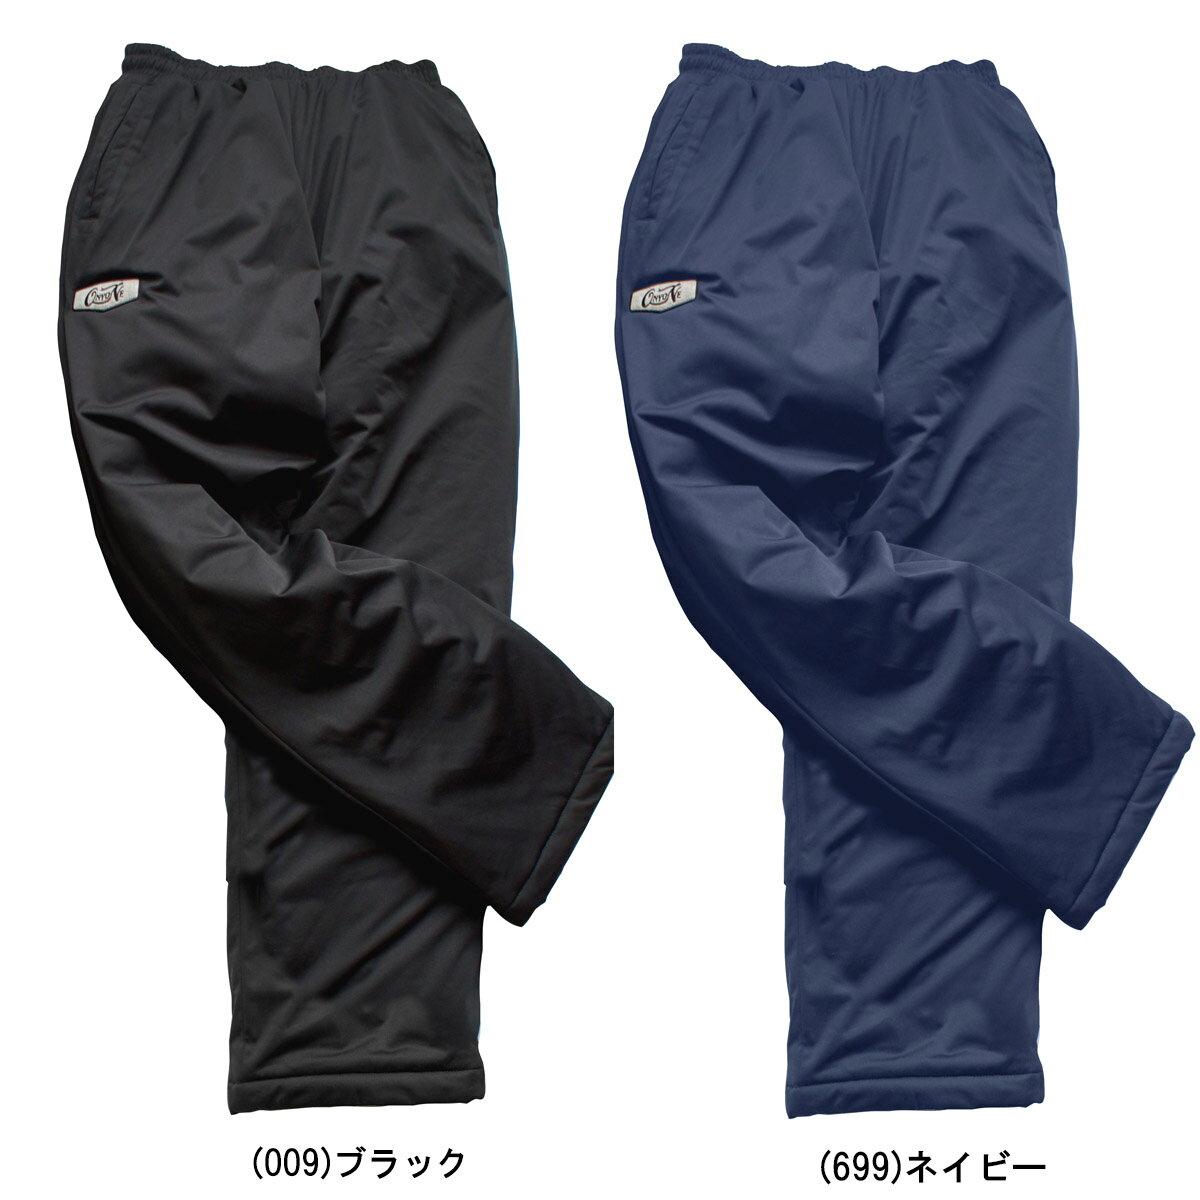 オンヨネ ウェア 中綿 パンツ OKP99053 ウェア ウエア 野球用品 スワロースポーツ